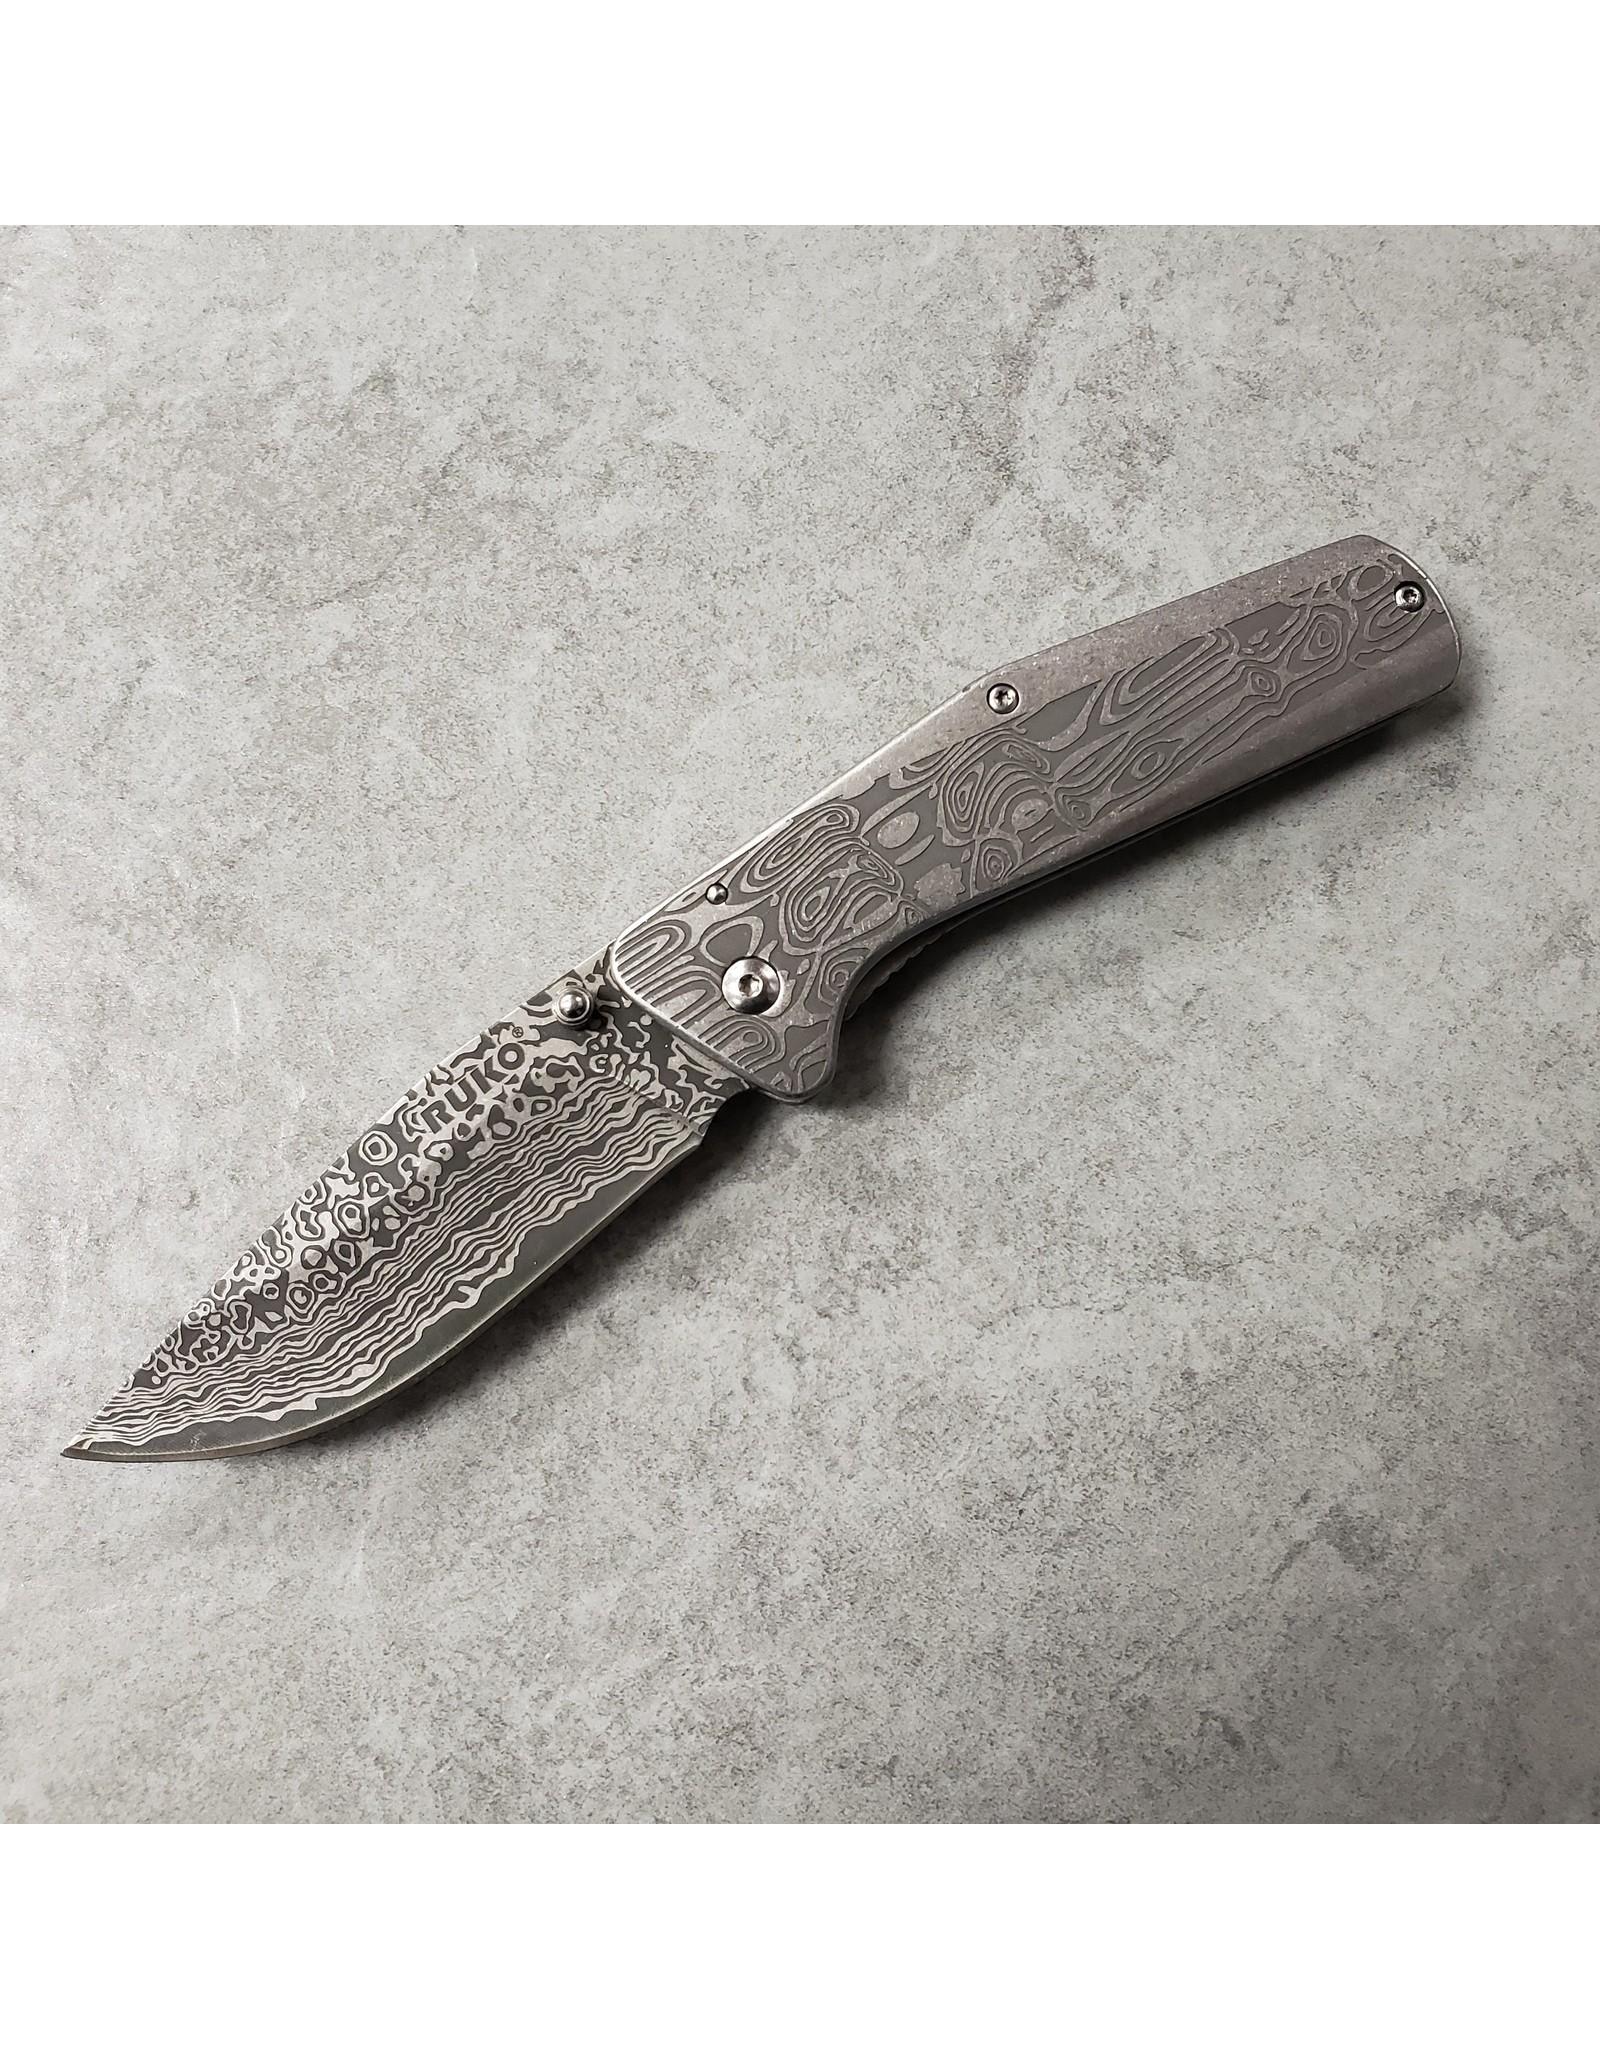 RUKO KNIVES RUKO177DA SWEET FOLDING  KNIFE